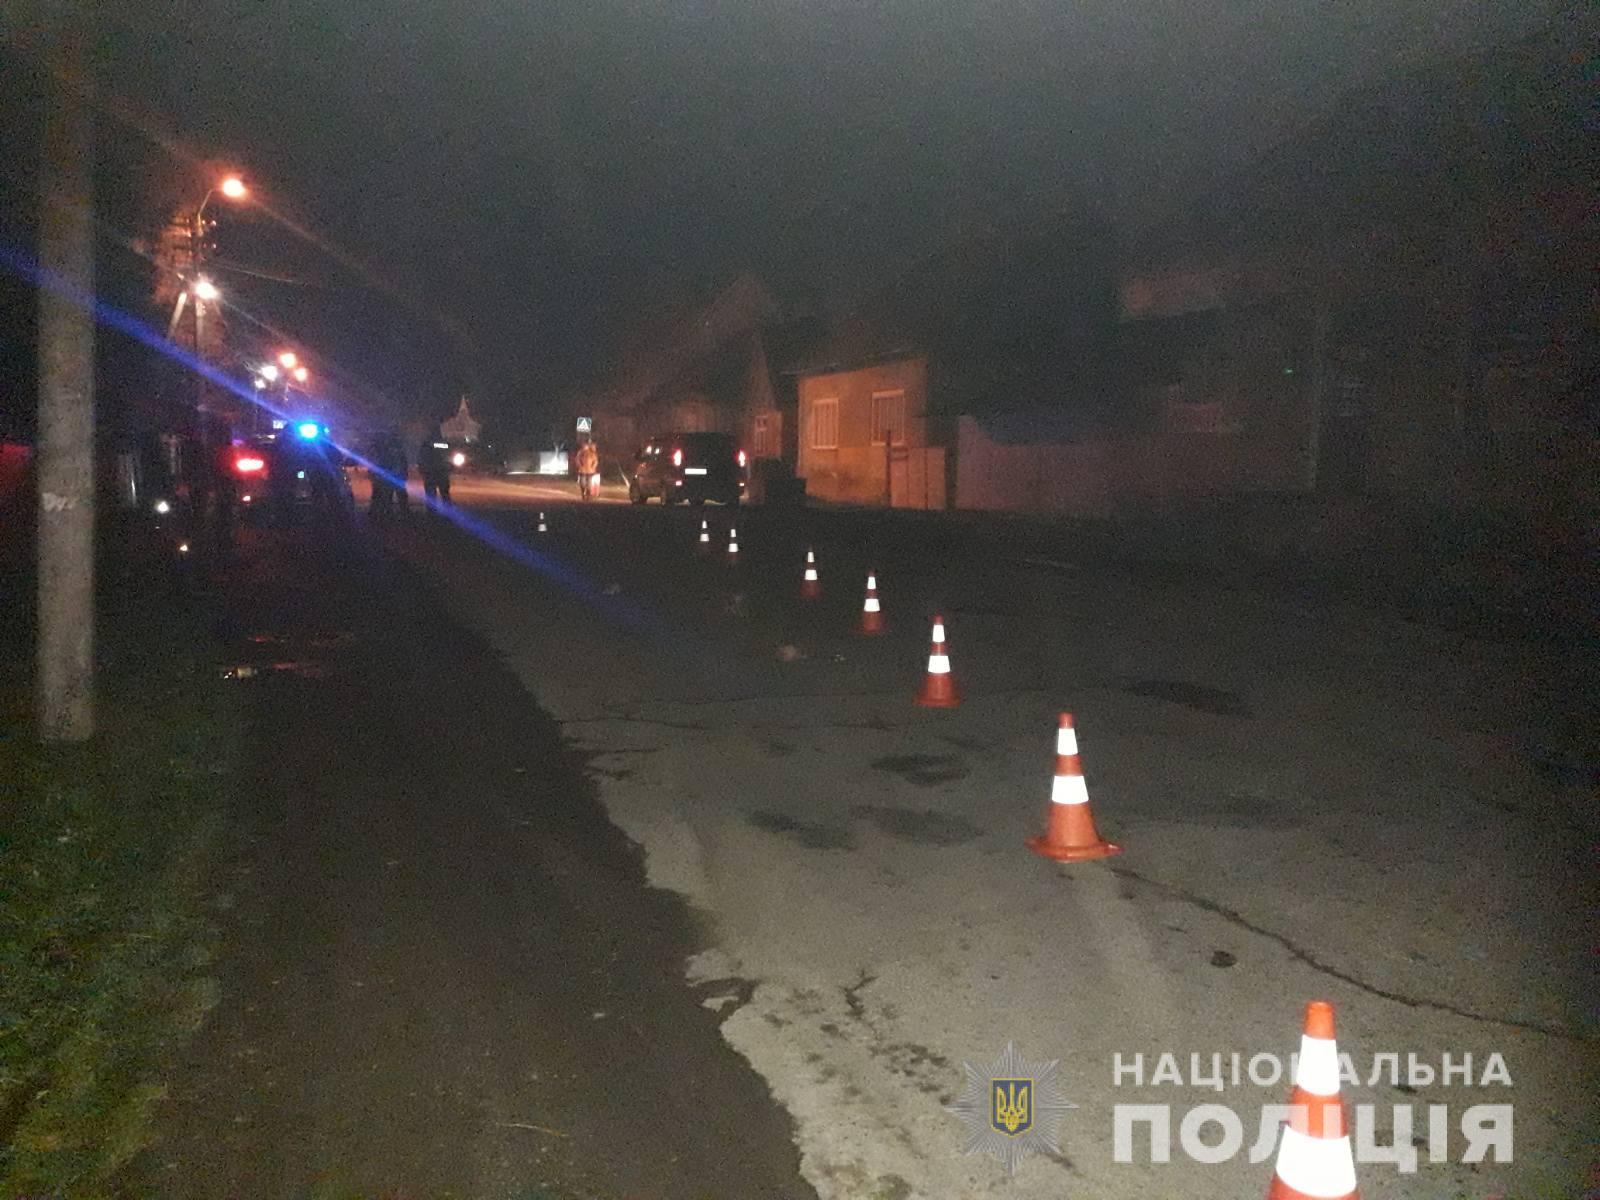 Під колеса автомобіля потрапила 93-річна жінка, яка, ймовірно, йшла посередині проїжджої частини